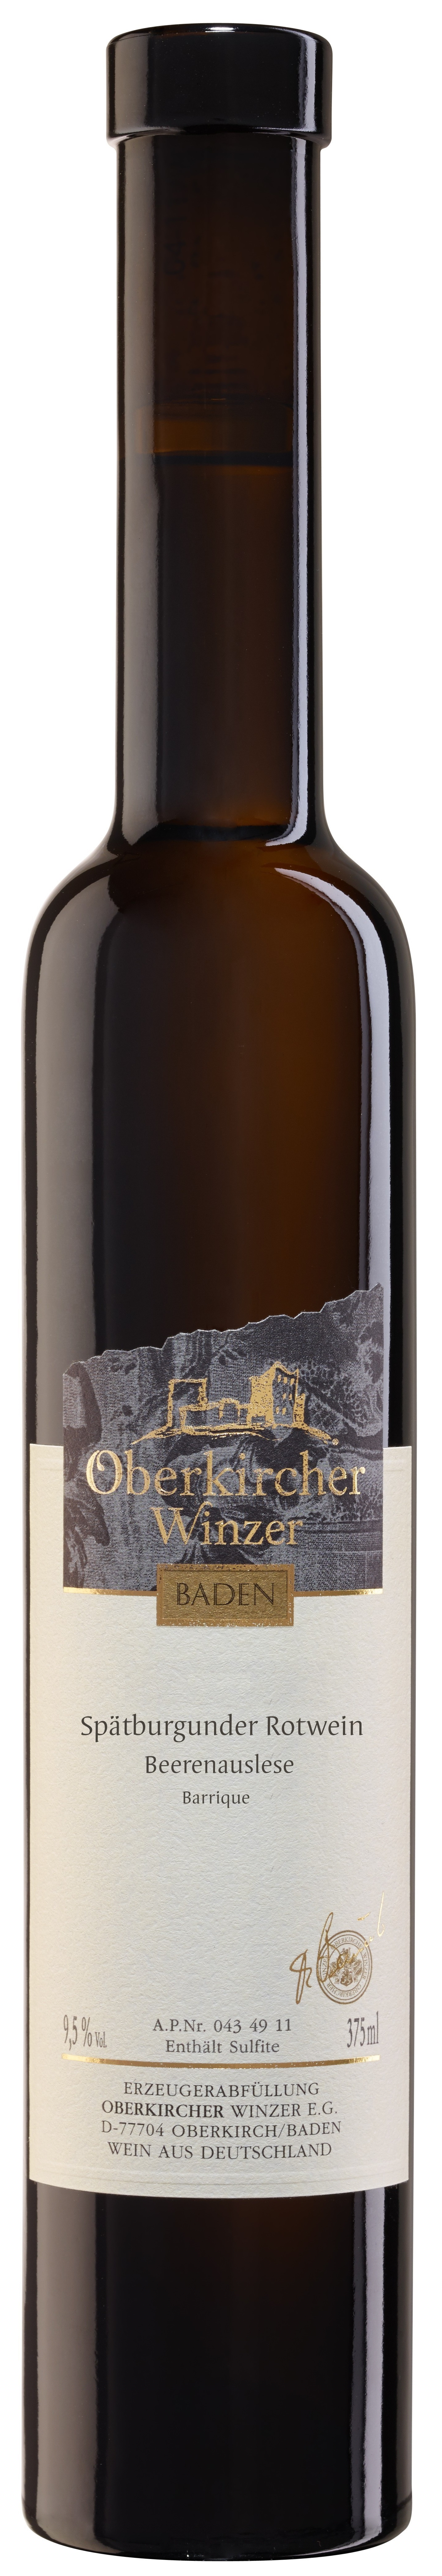 Collection Oberkirch, Spätburgunder Rotwein Beerenauslese -Barrique-